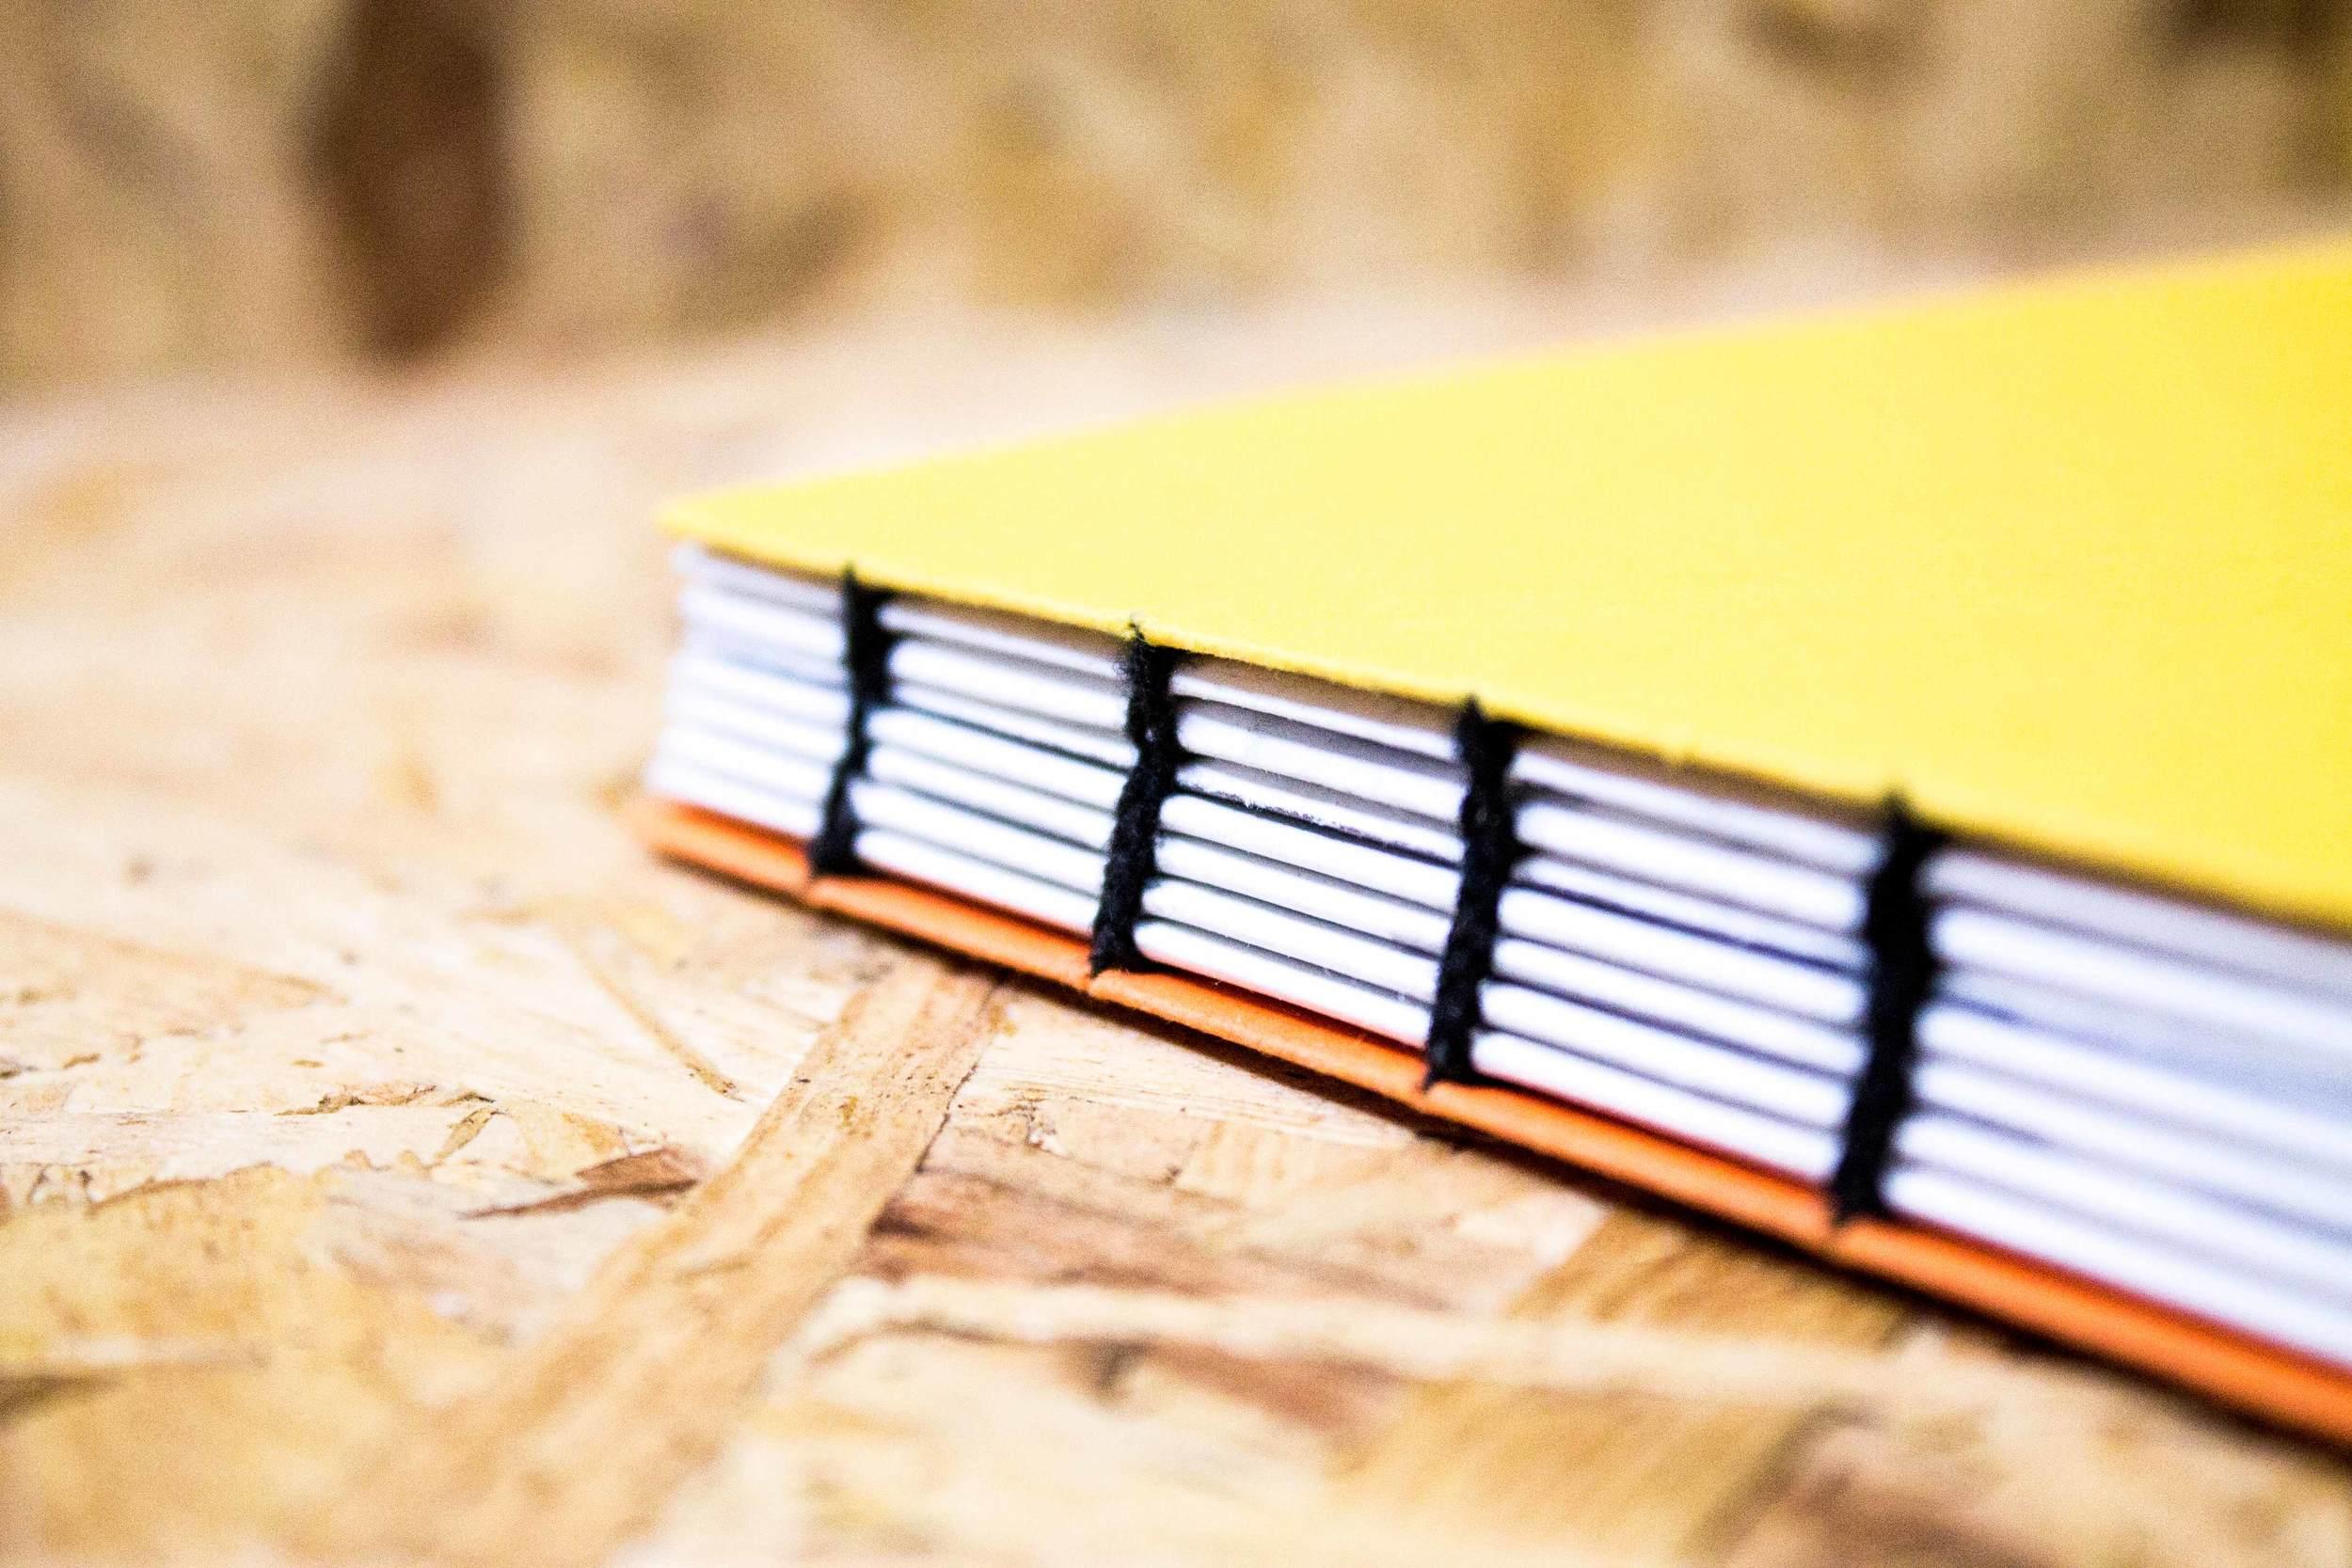 Coptic bound books